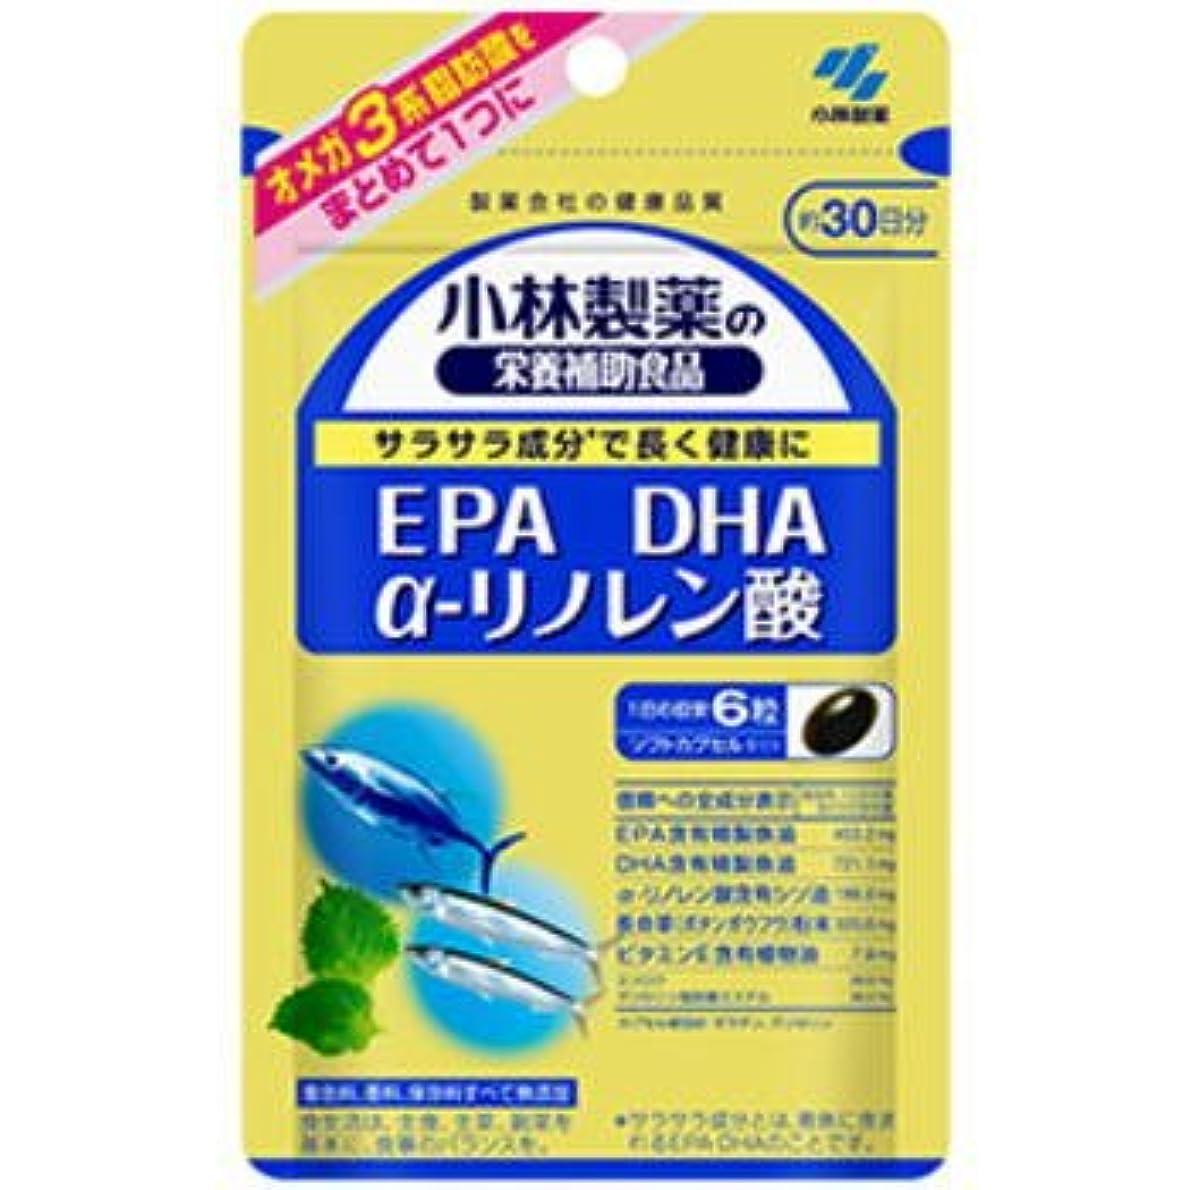 ストラップ警官ドック小林製薬 EPA DHA α-リノレン酸 180粒【ネコポス発送】